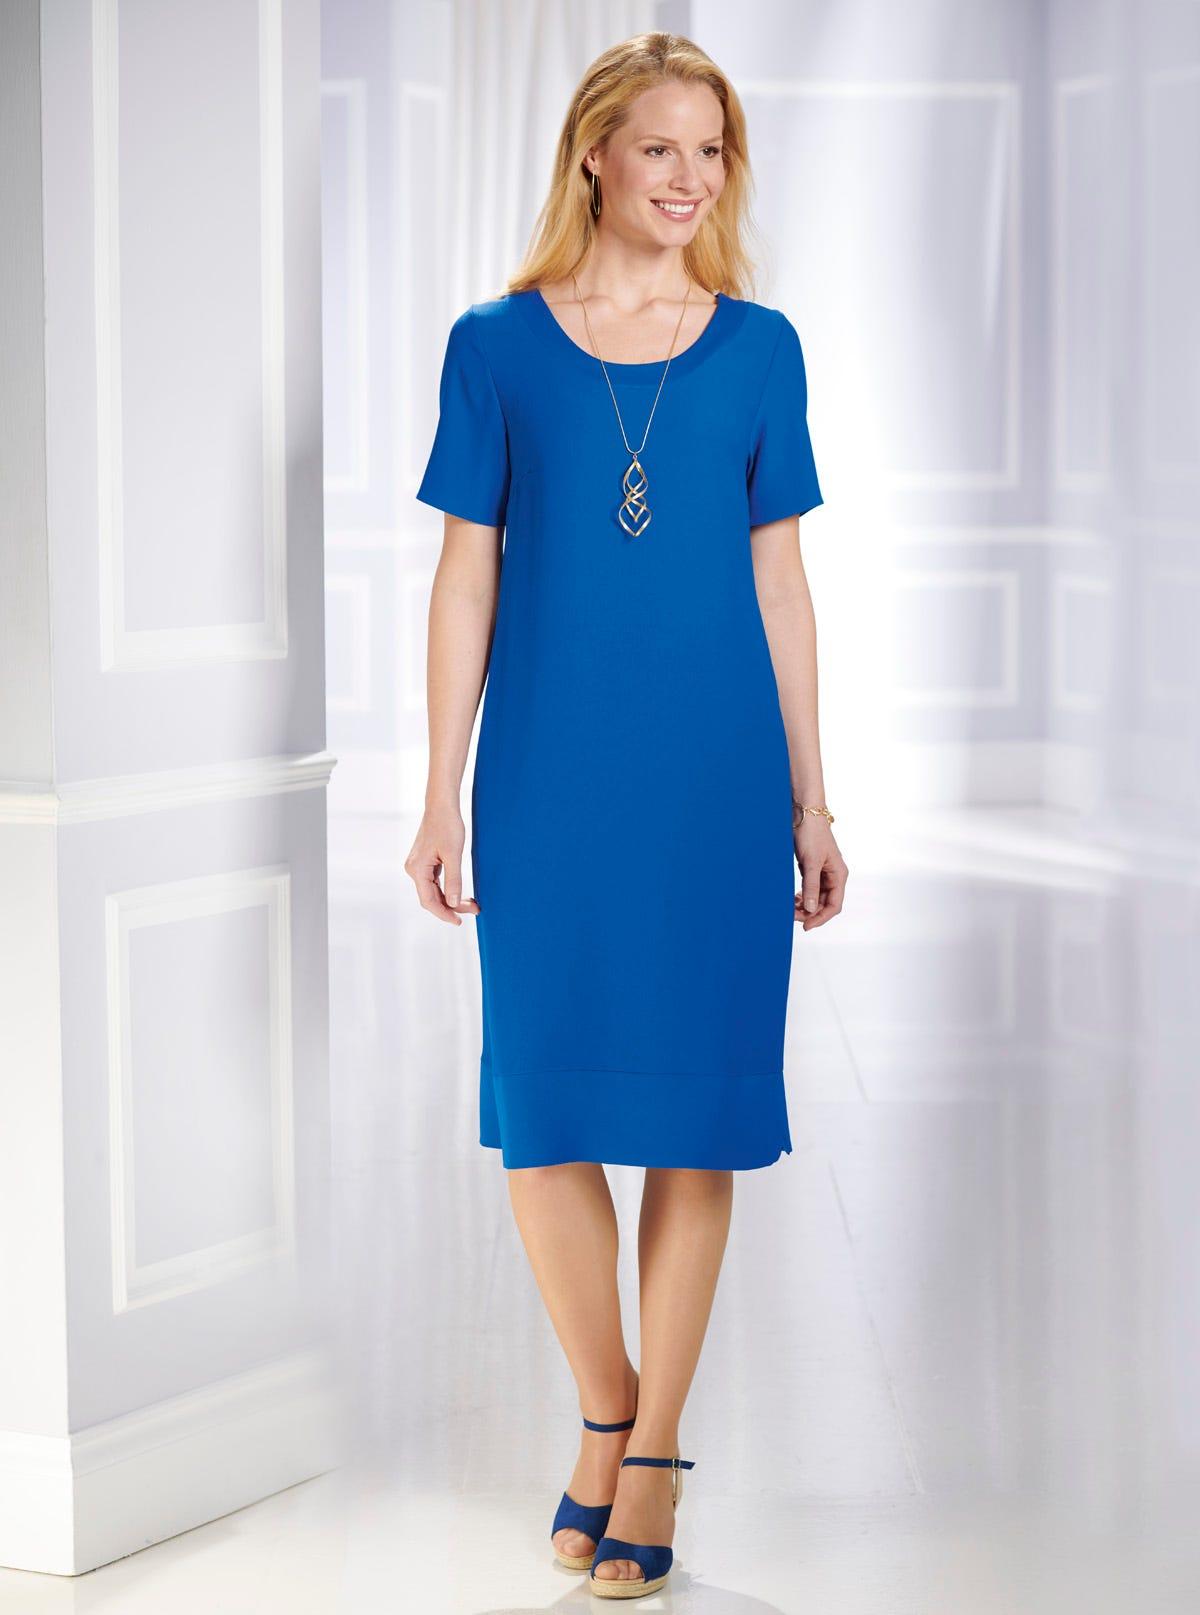 11f94db34e3 Superbe robe housse infroissable unie - Robes - Prêt-à-Porter ...